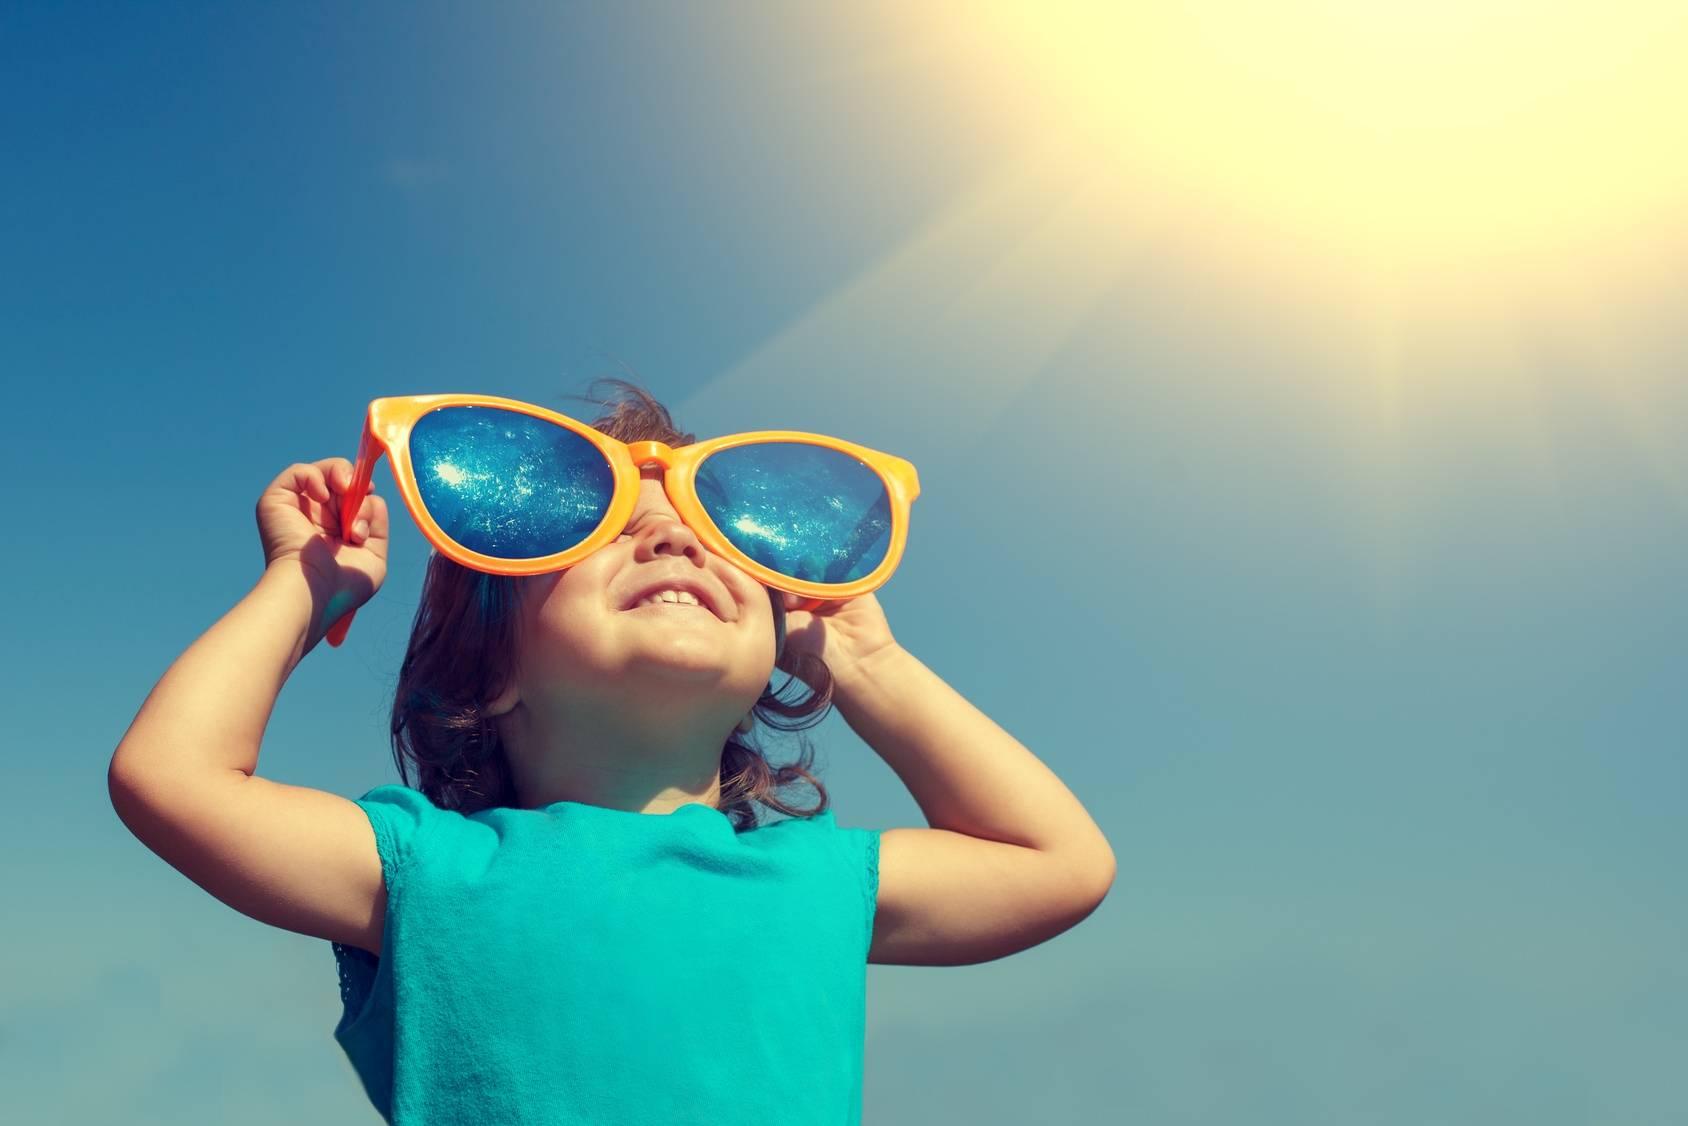 Ochrona przed słońcem - okulary przeciwsłoneczne z filtrami dla dzieci.